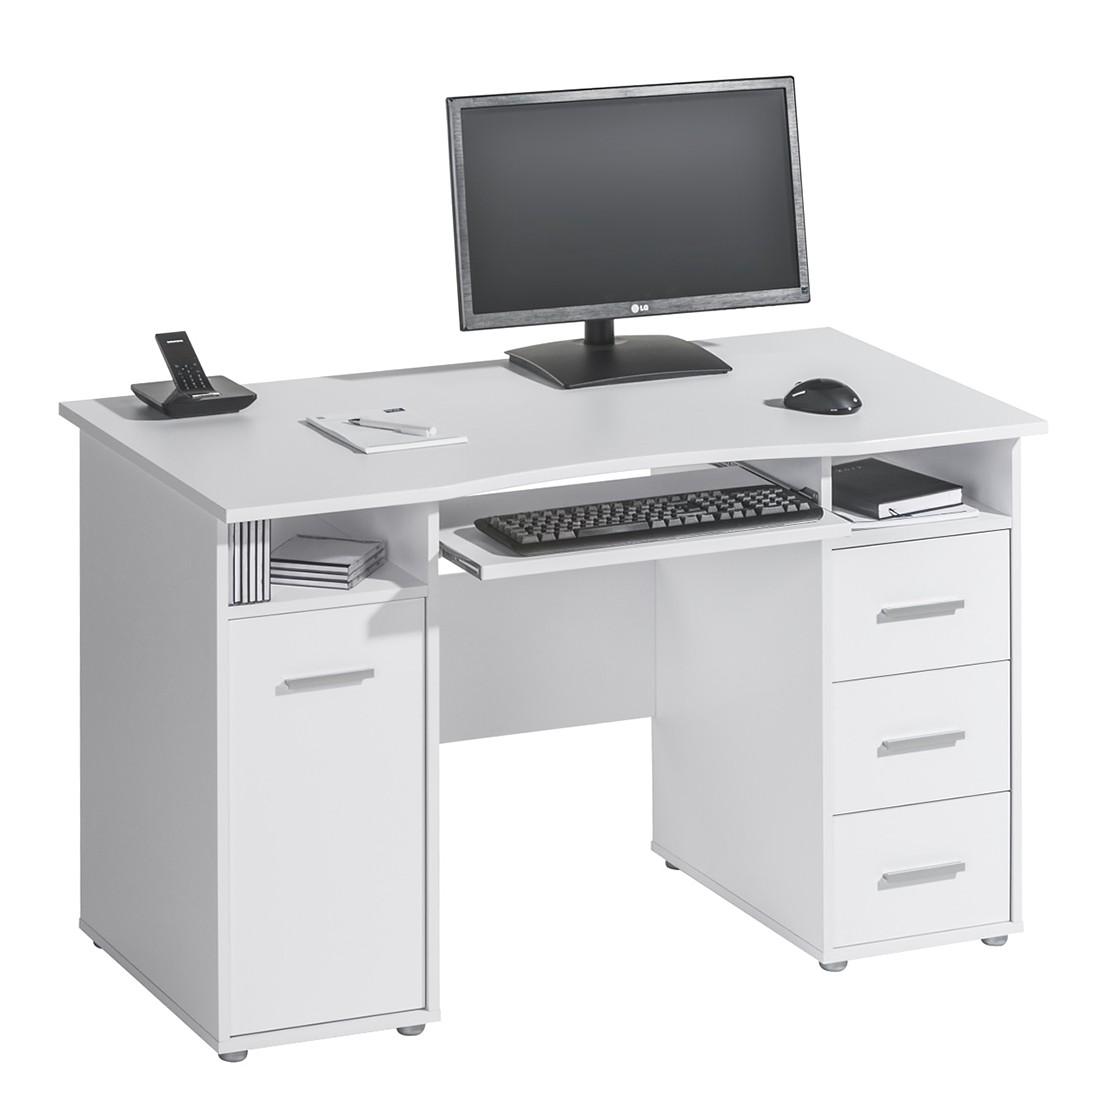 Image of Scrivania da computer Asa - Bianco - Bianco, Maja Möbel